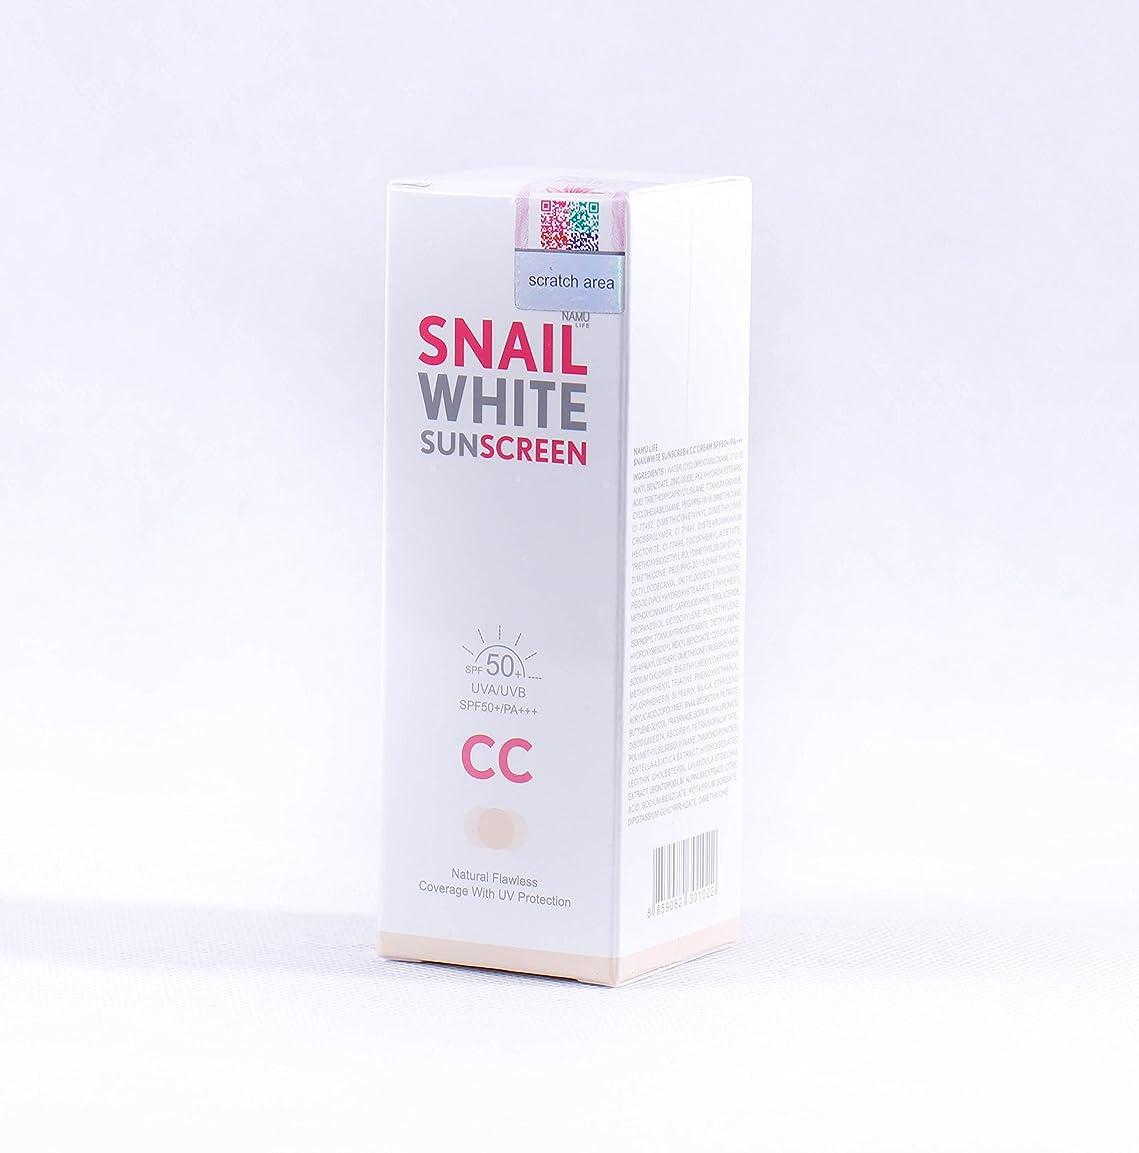 矛盾偶然のキリマンジャロナムライフスパイシャンサンクスクリームSPF50 + / PA +++ 50 ml ホワイトニング NAMU LIFE SNAILWHITE SUNSCREEN CC CREAM SPF50 + / PA +++ 50 ml